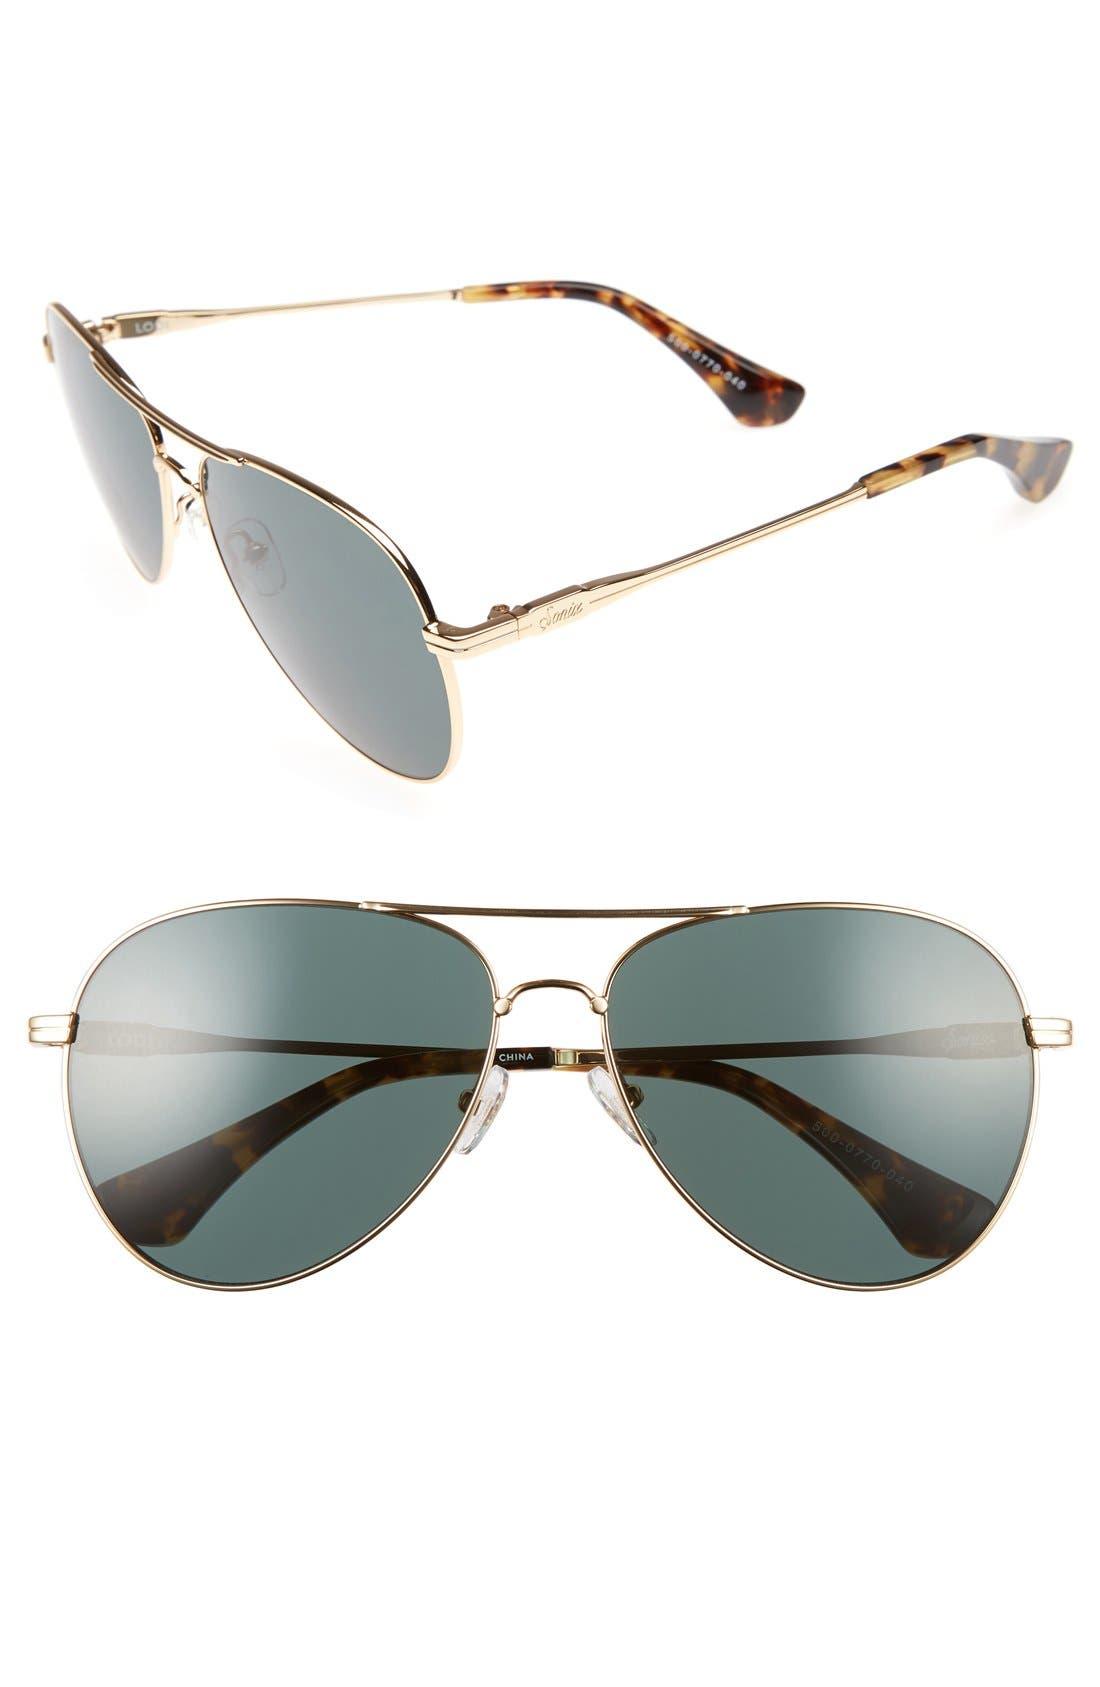 Main Image - Sonix Lodi 62mm Mirrored Aviator Sunglasses